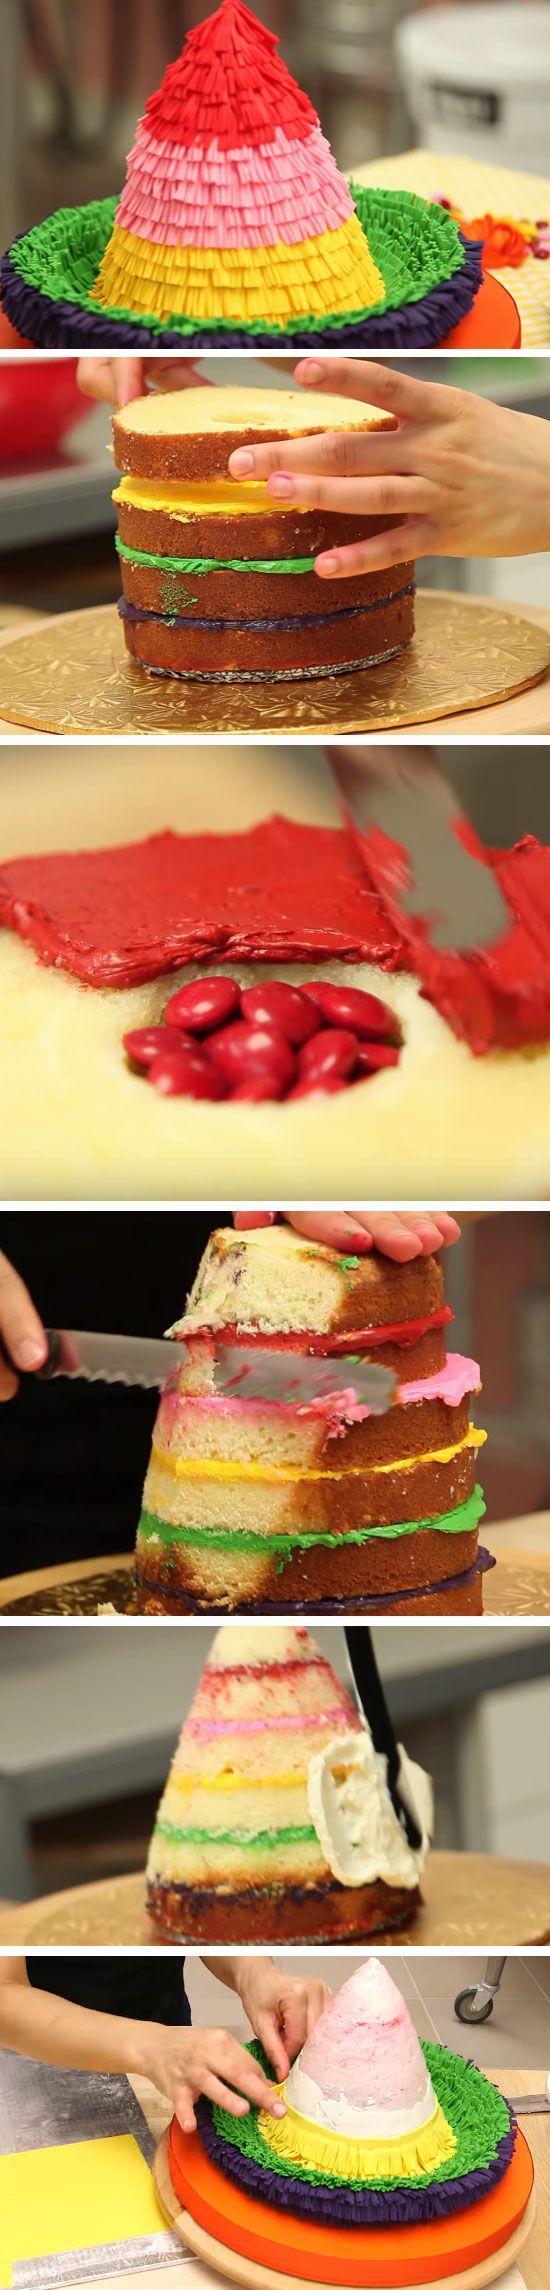 Piñata Sombrero Cake | DIY Cinco de Mayo Party Ideas Food Desserts | Easy Fiesta Party Ideas for Kids Mexican